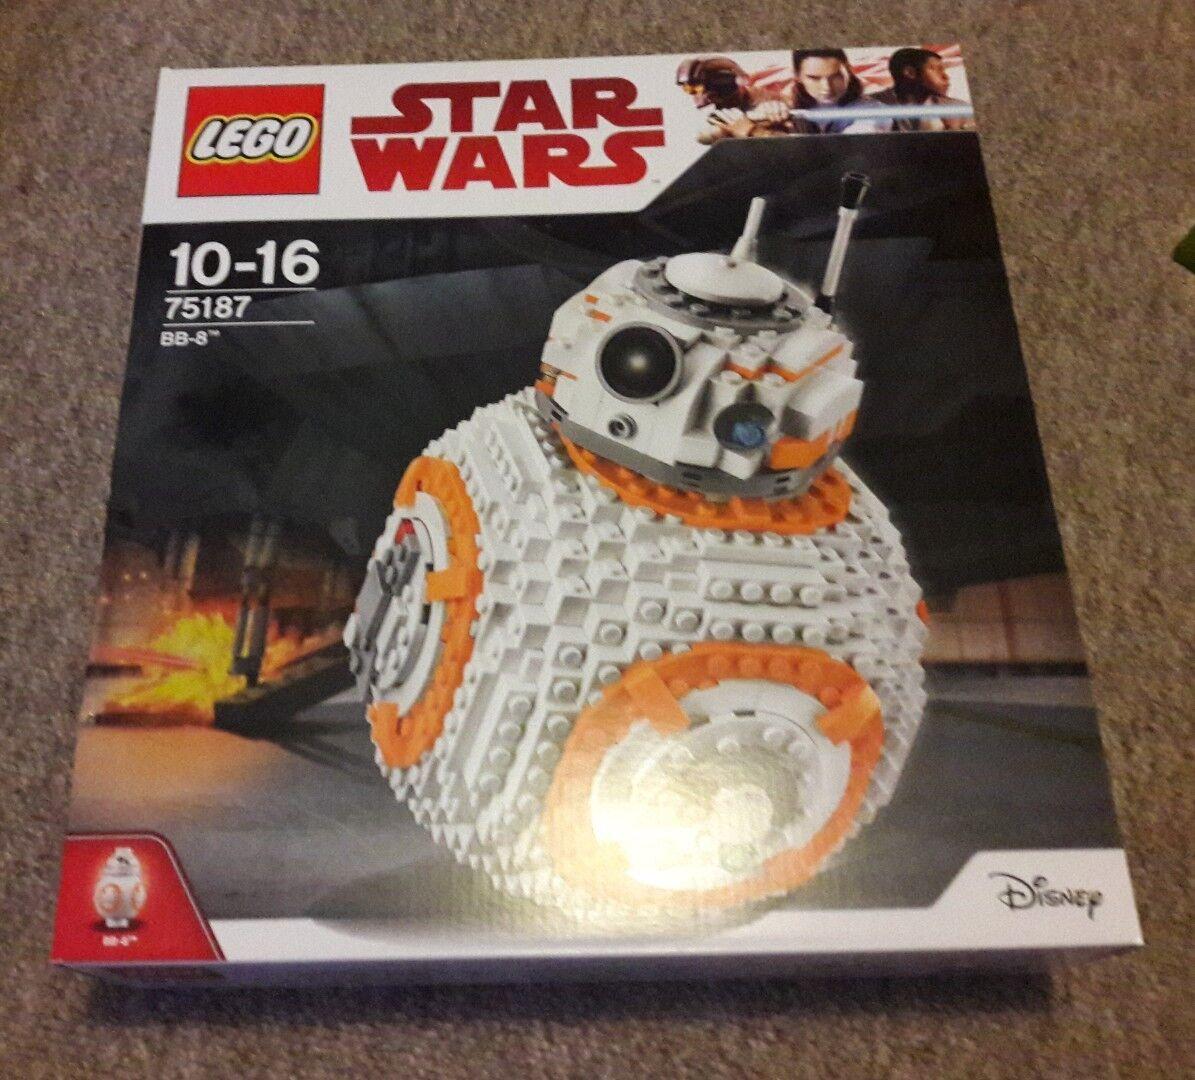 Lego Star Wars Set bb-8 75187